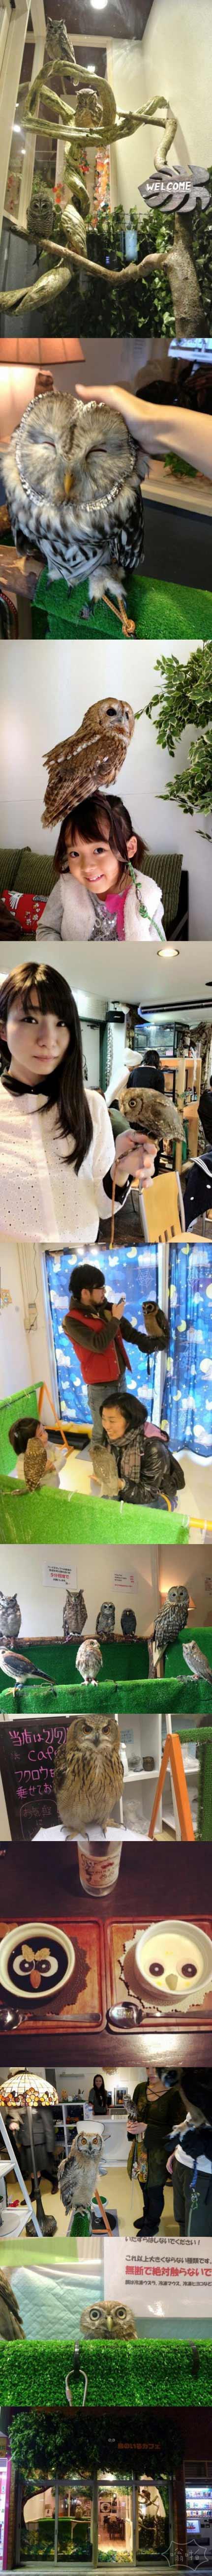 猫头鹰咖啡馆 走近日本流行的猫头鹰主题咖啡馆